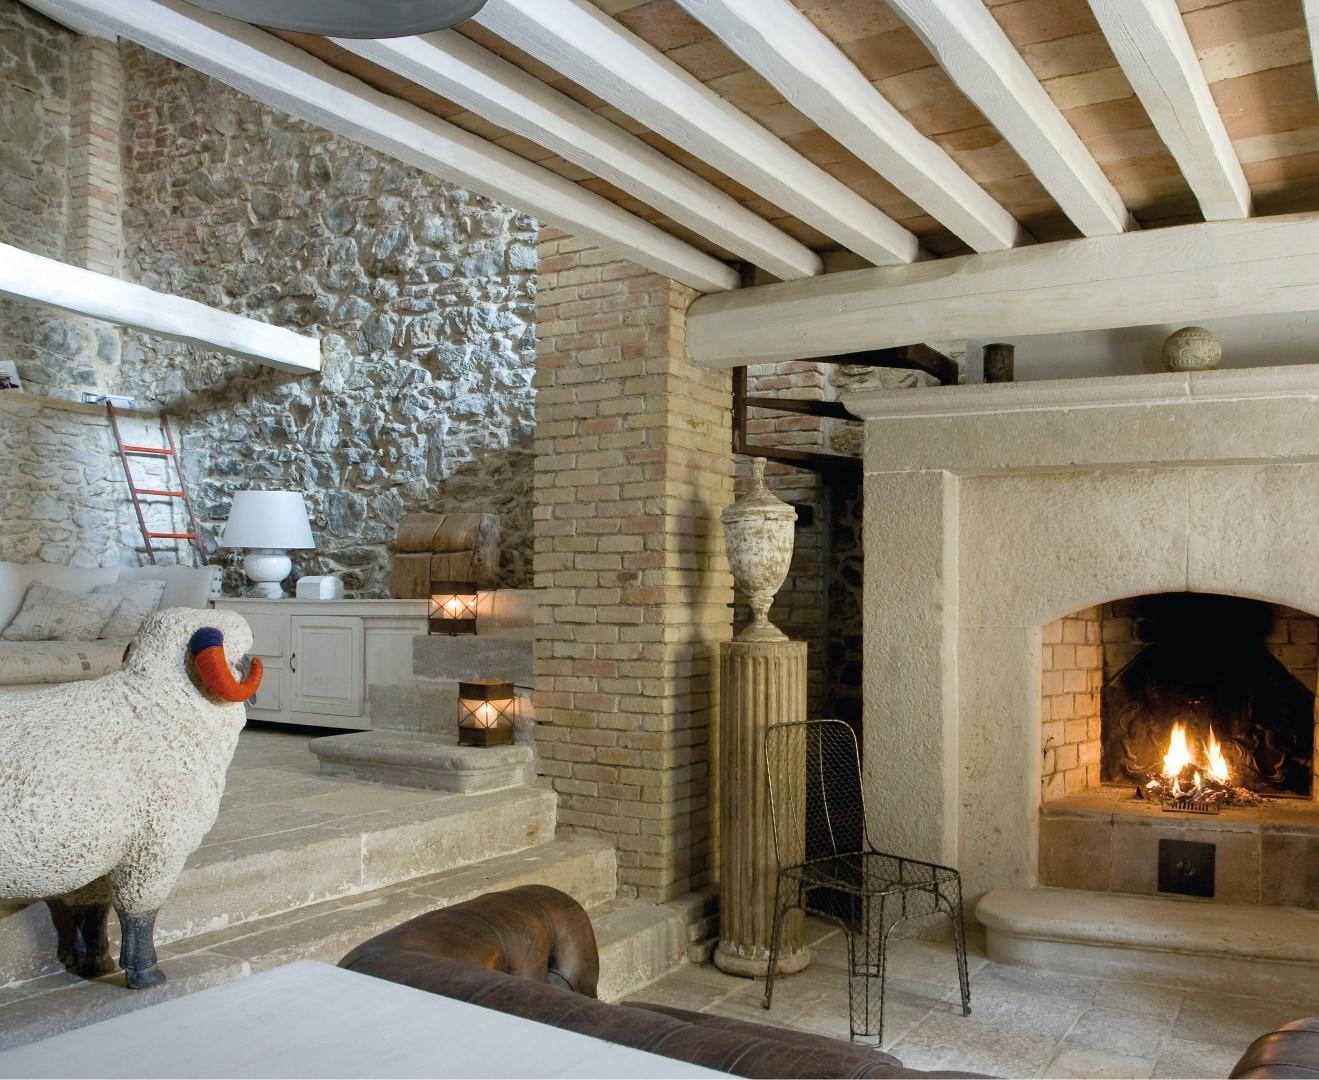 Un moderno loft chiuso in una pelle antica ville casali - Ristrutturare casale in pietra ...